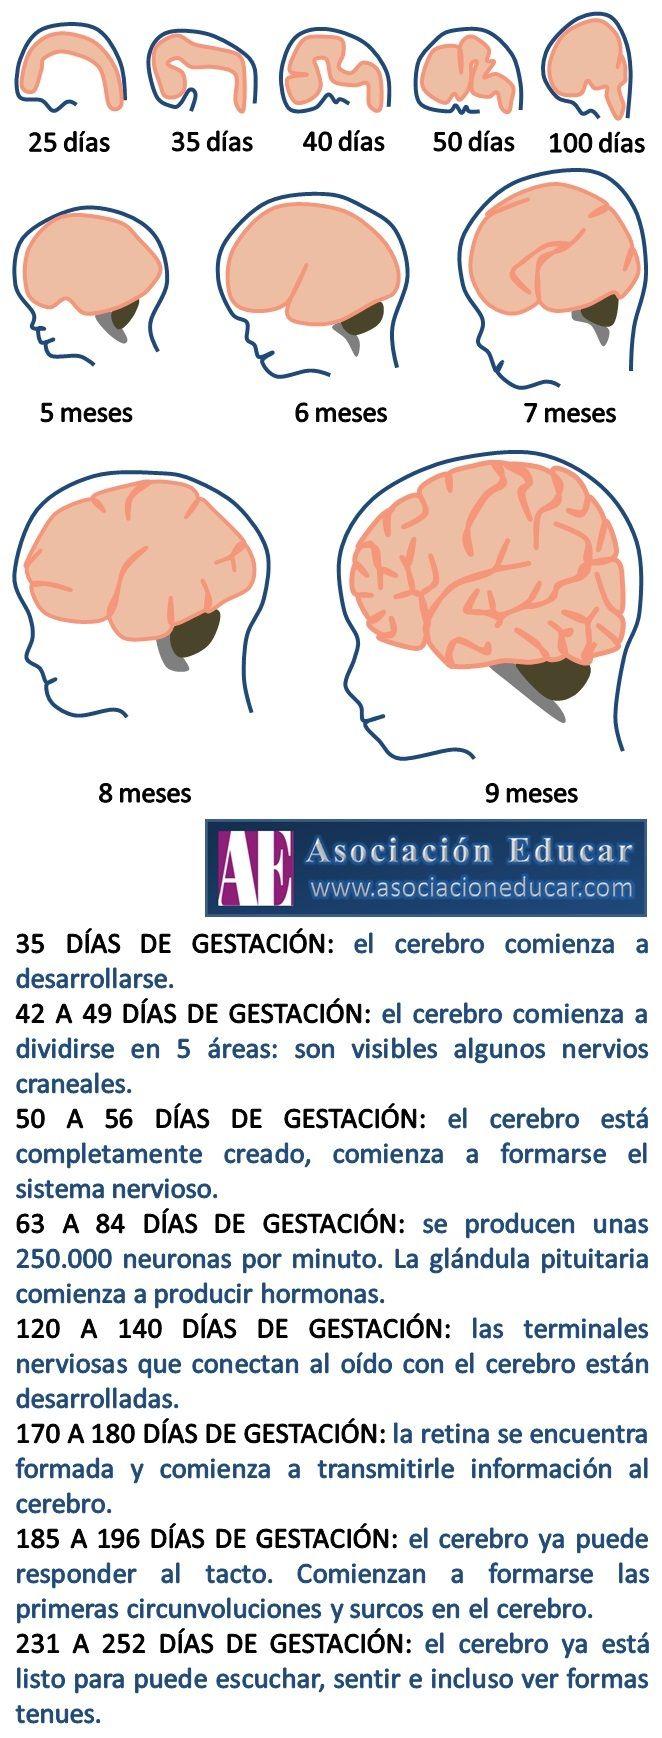 Infografía Neurociencias: Desarrollo cerebral del feto.   Asociación Educar